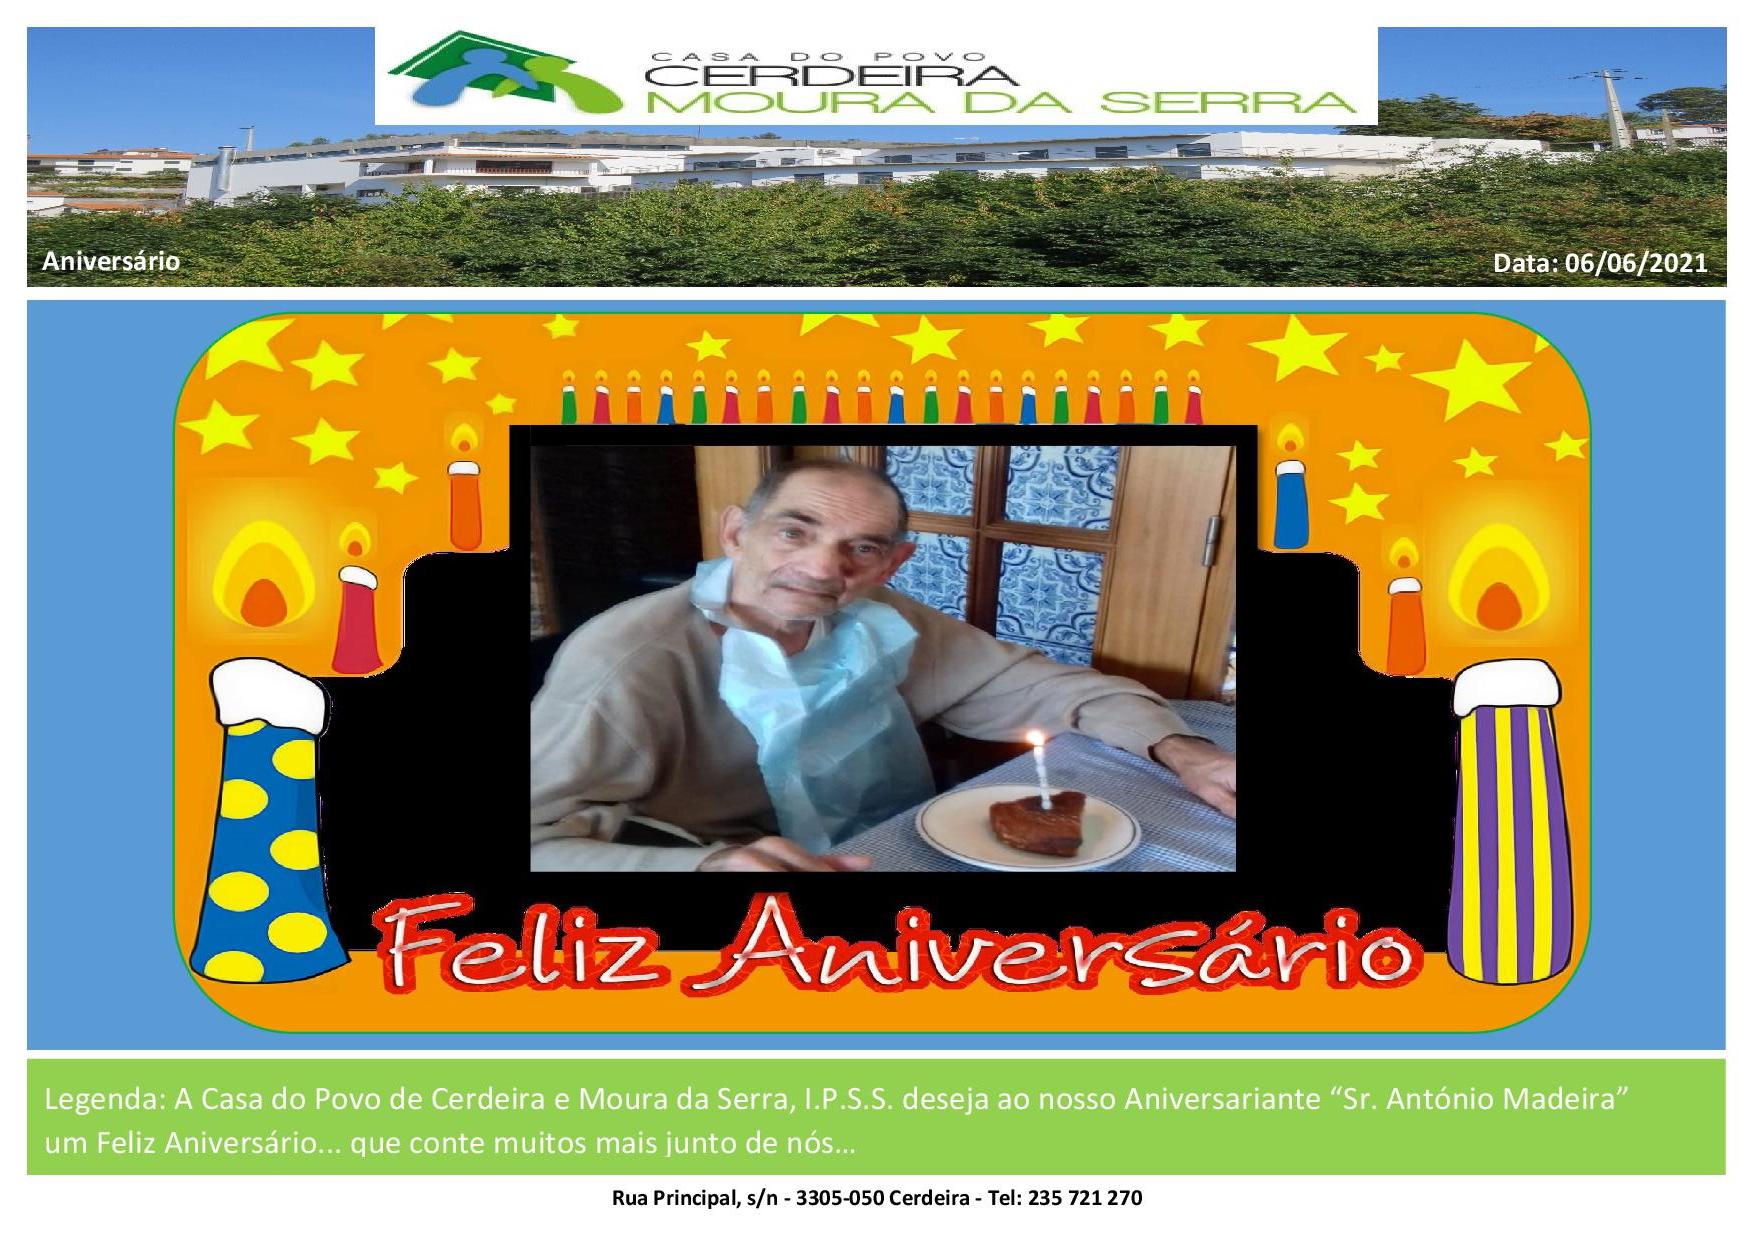 Casa do Povo de Cerdeira e Moura da Serra, I.P.S.S.- Feliz Aniversário Sr. António Madeira